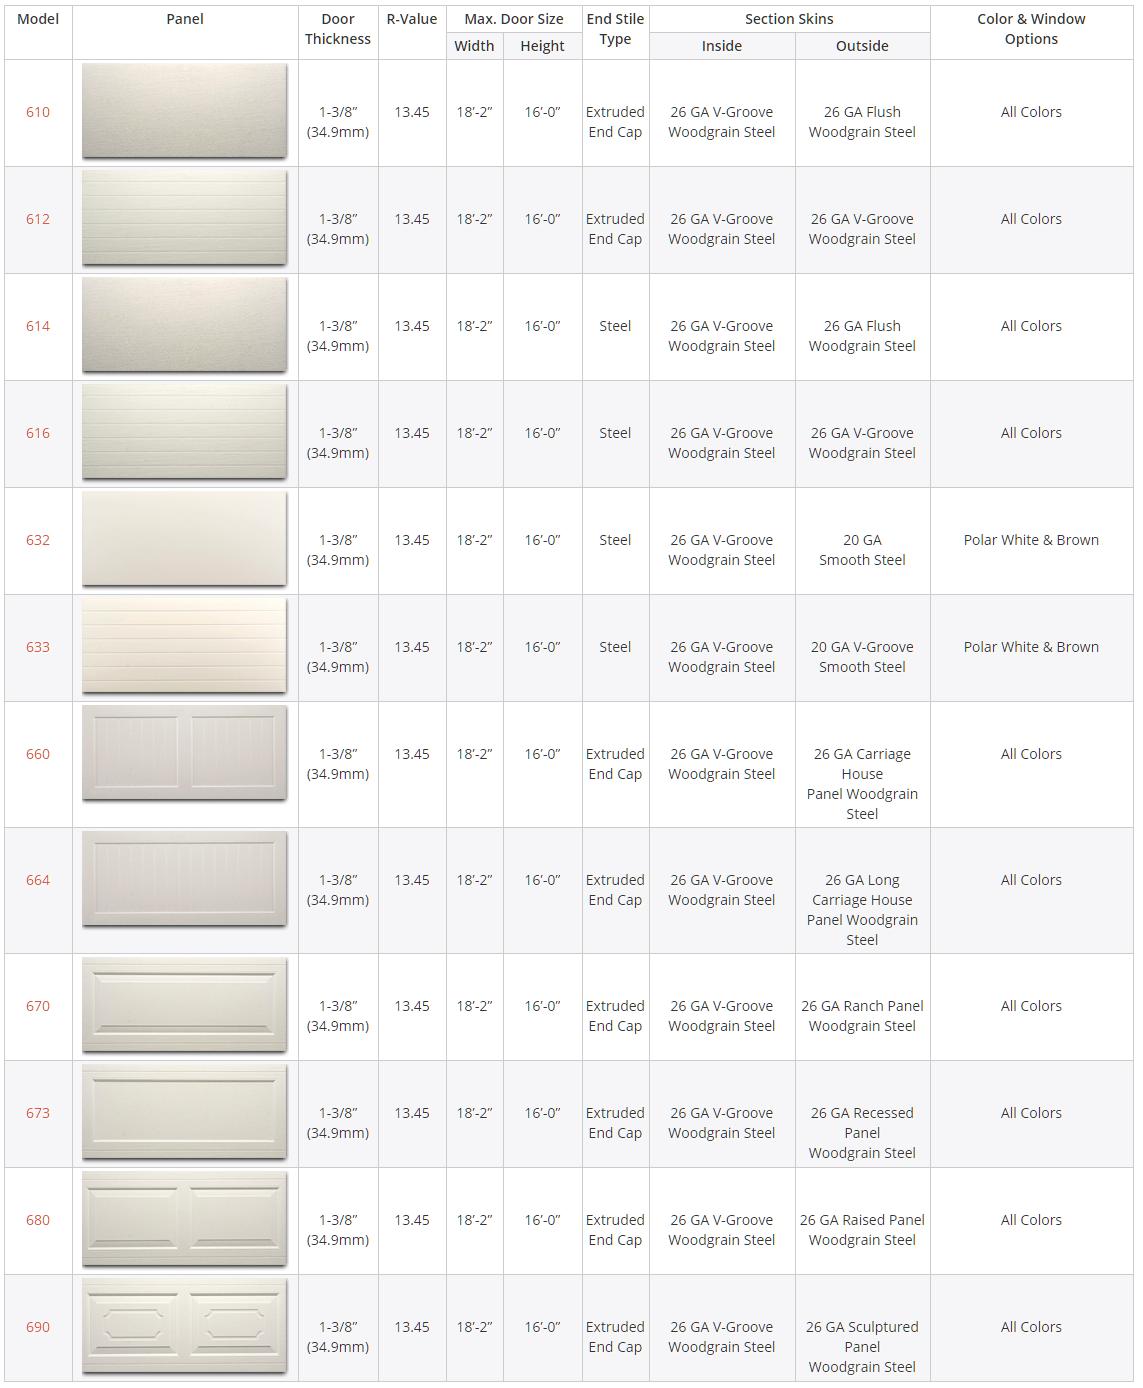 Haas Comm 600 Comparison